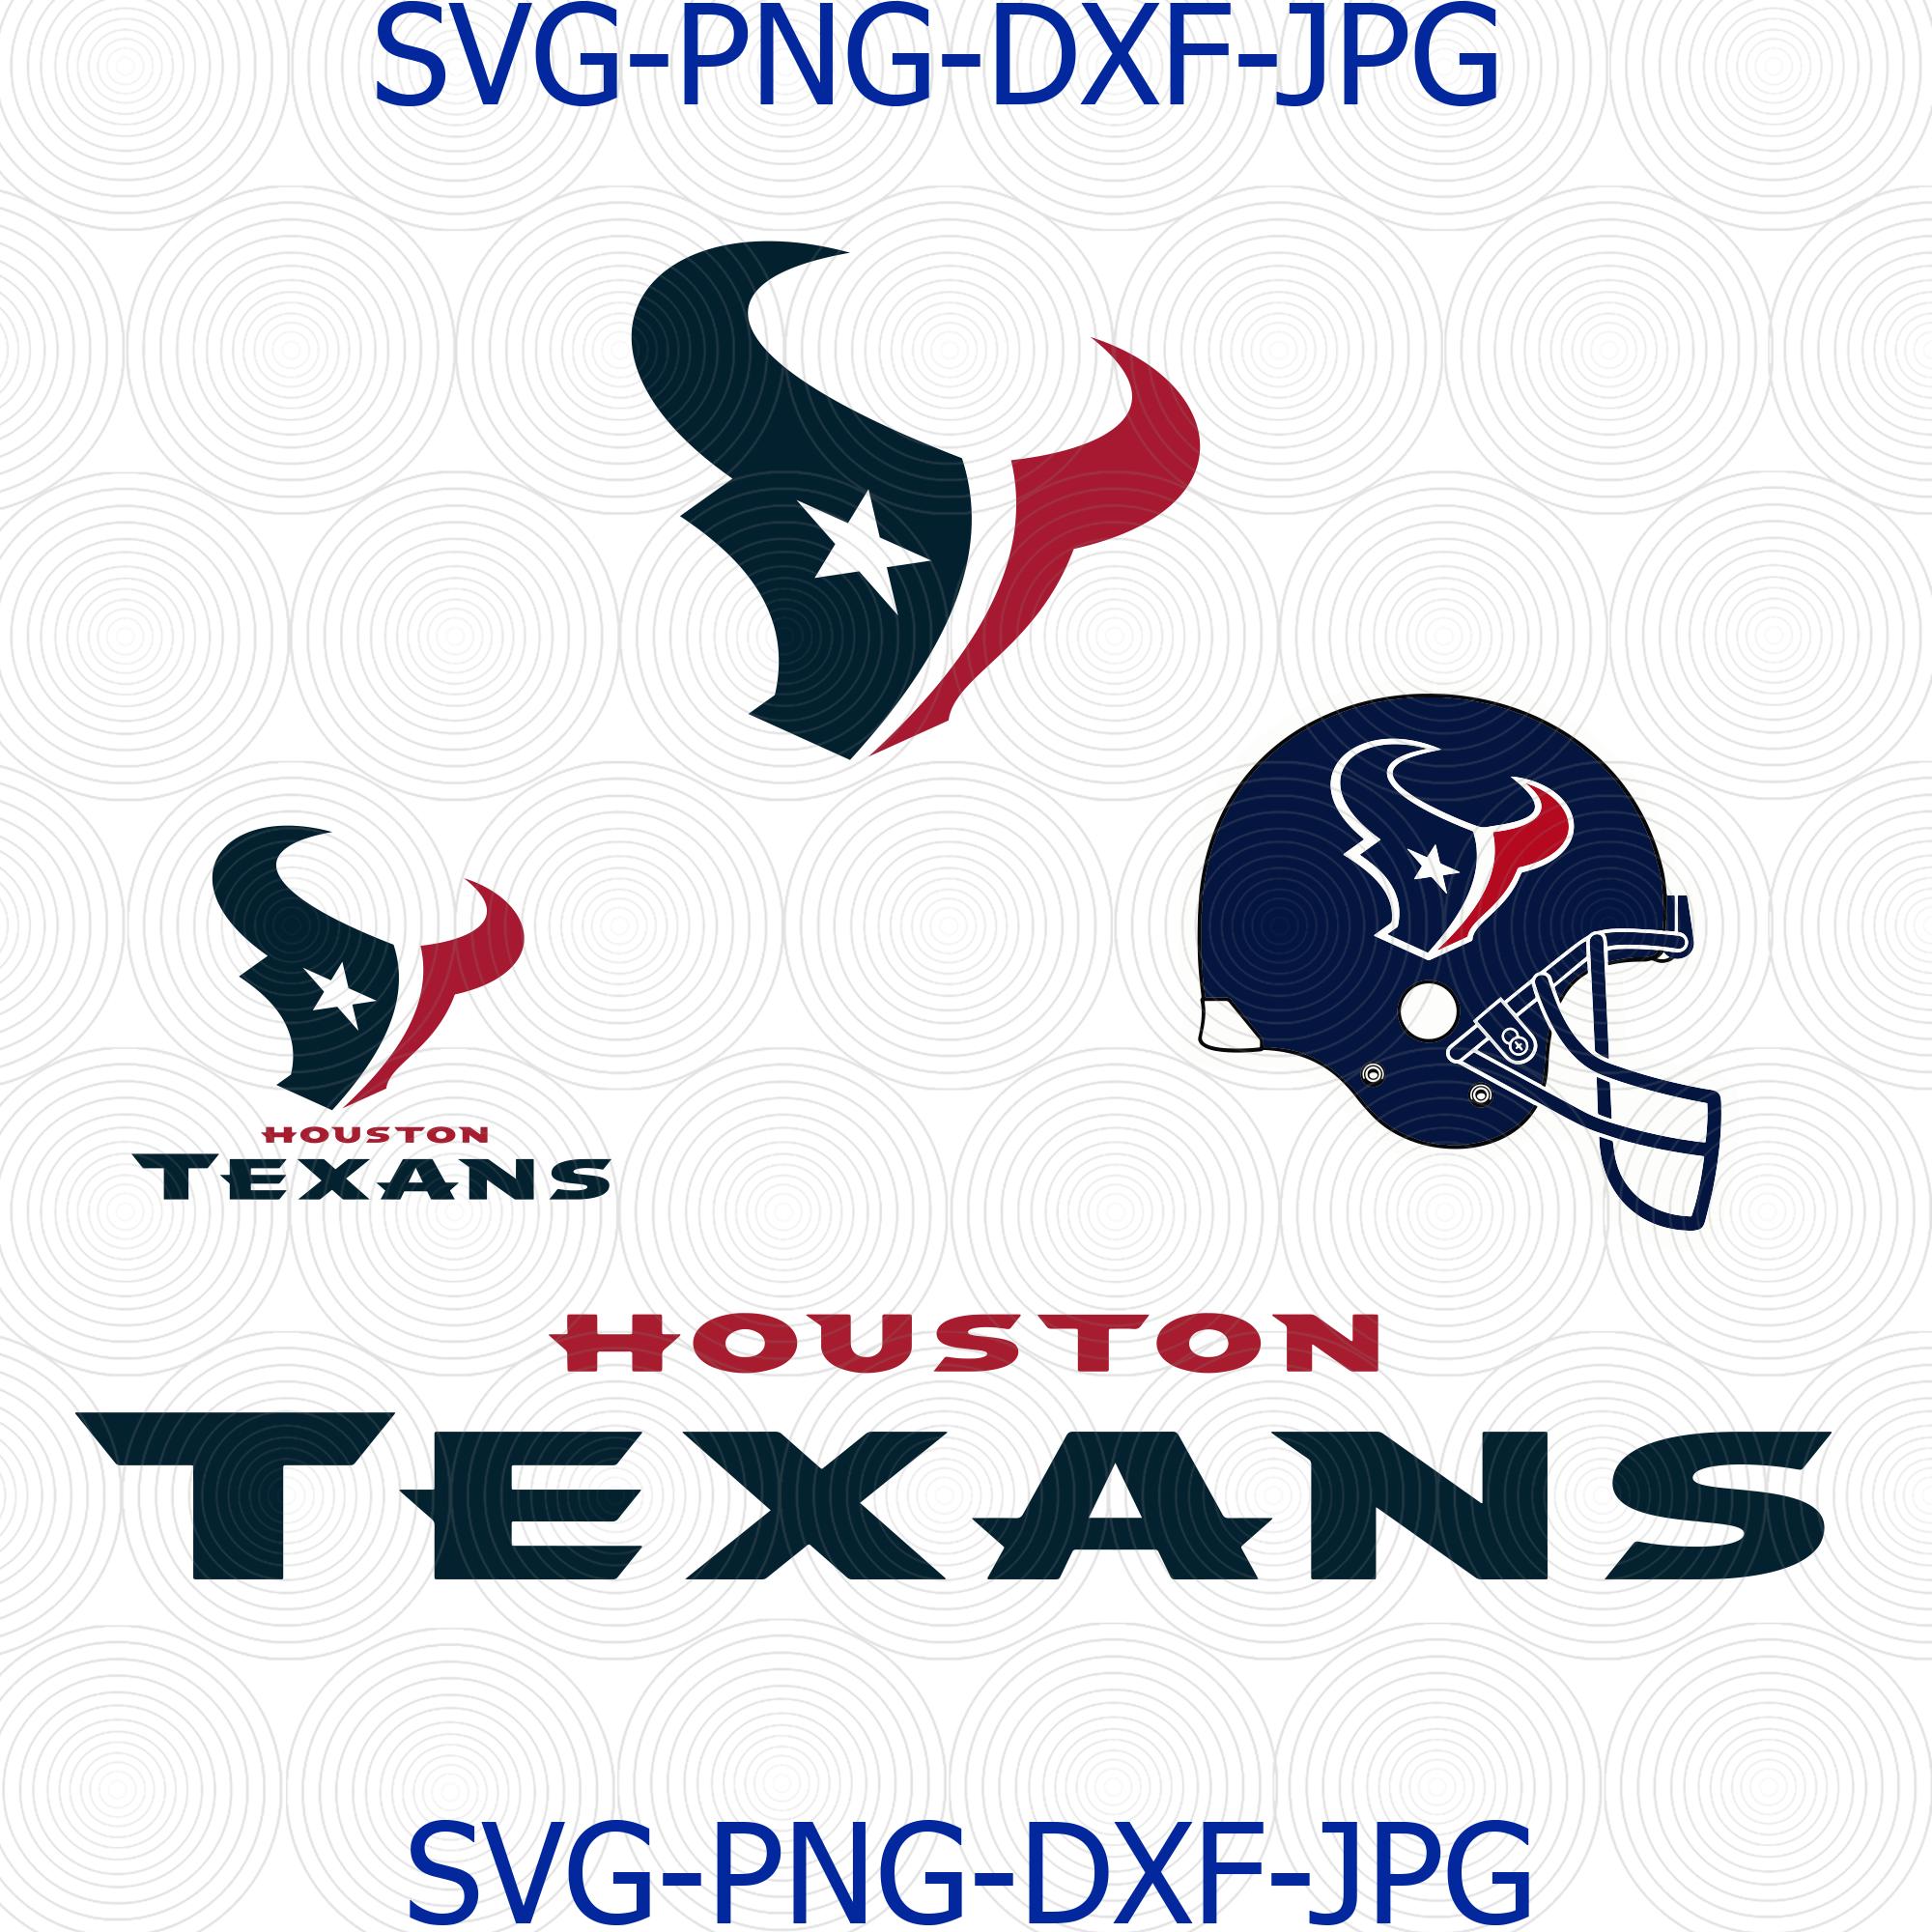 Houston Texans Svg Houston Texans Logo Texans By Digital4u On Zibbet